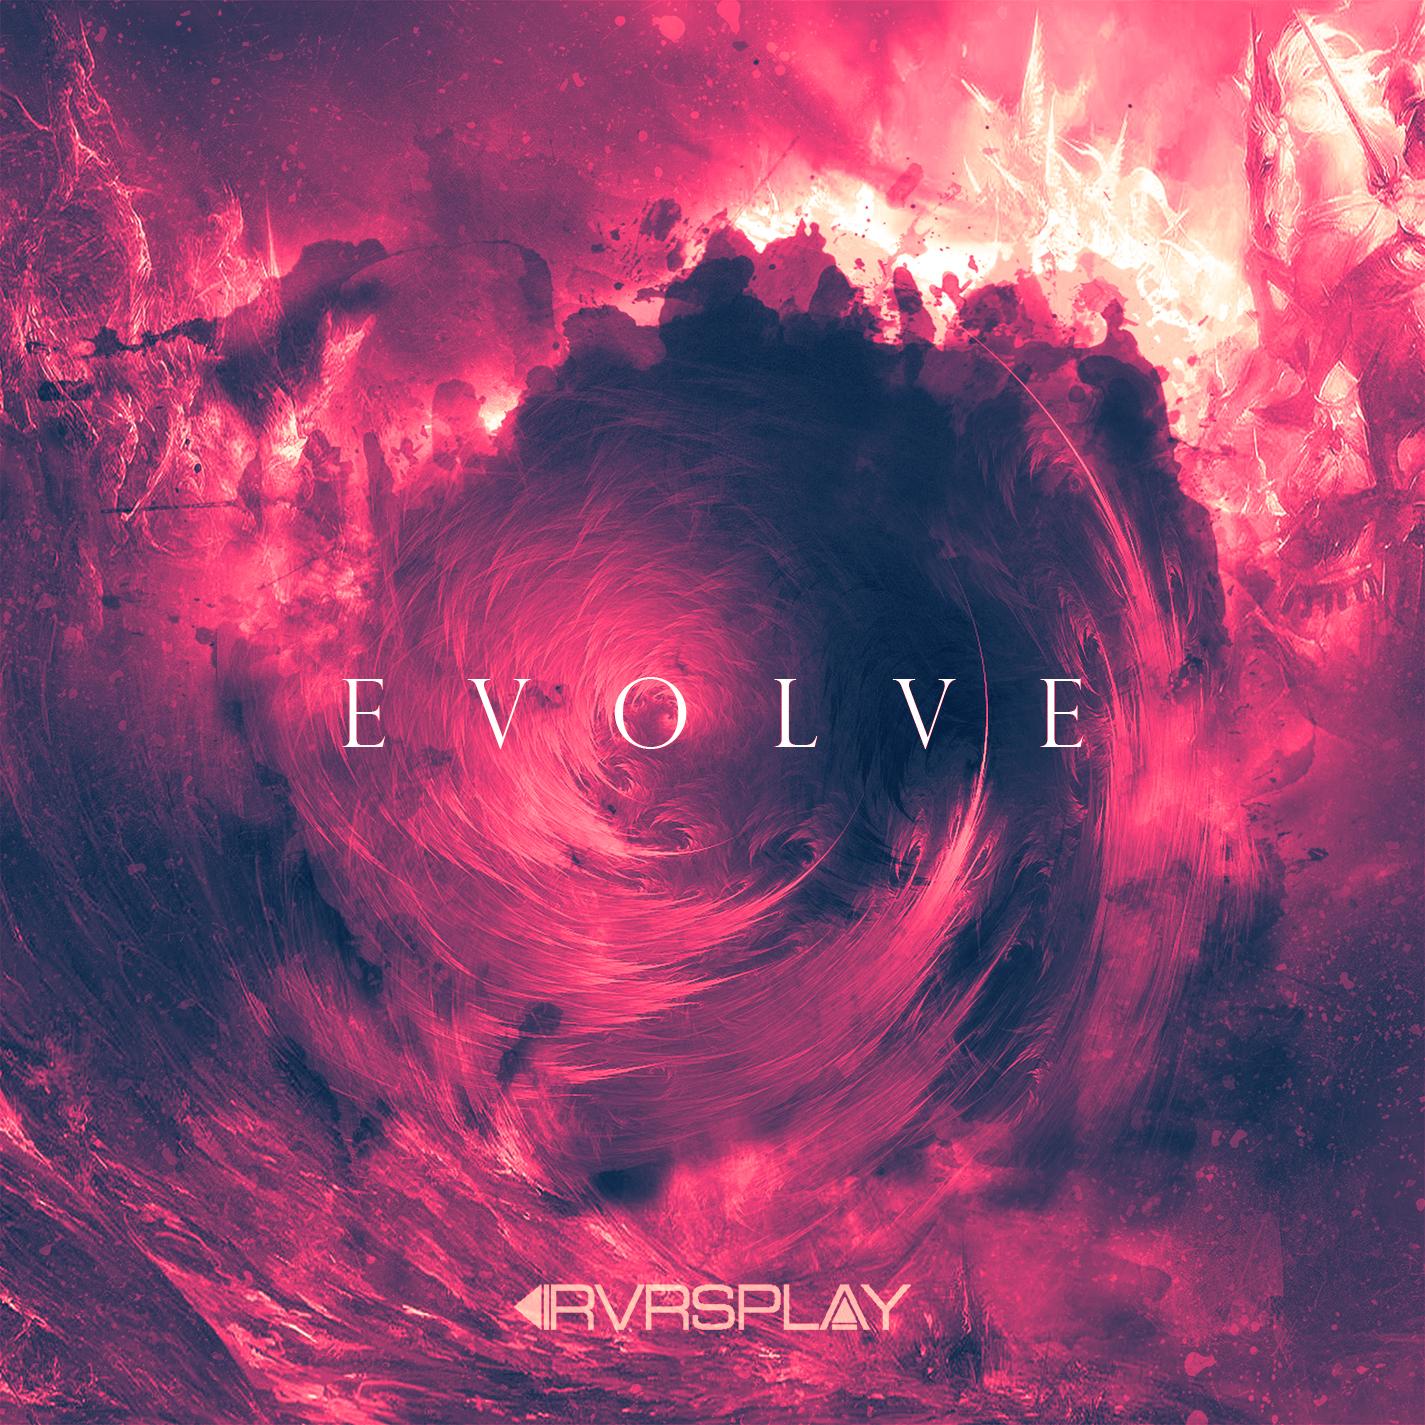 Evolve_Album Cover.jpg